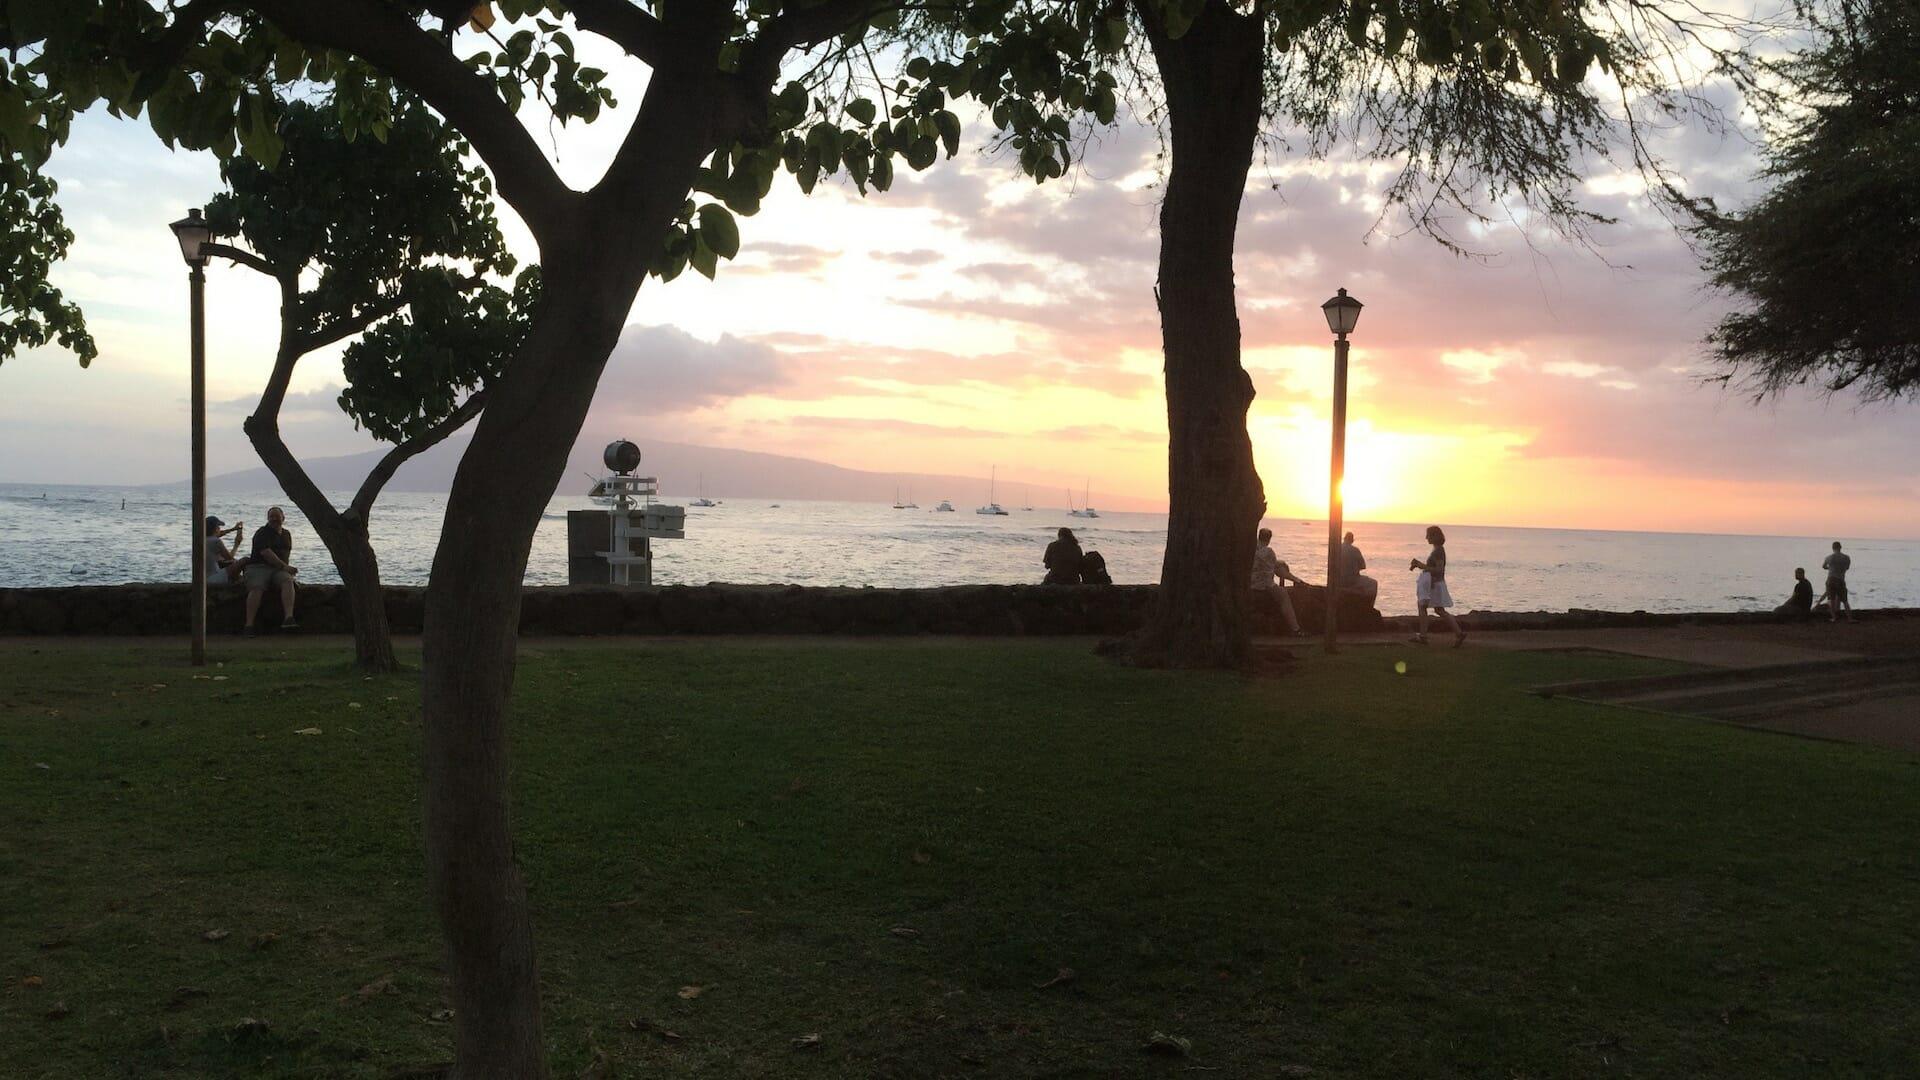 Lāhainā sunset